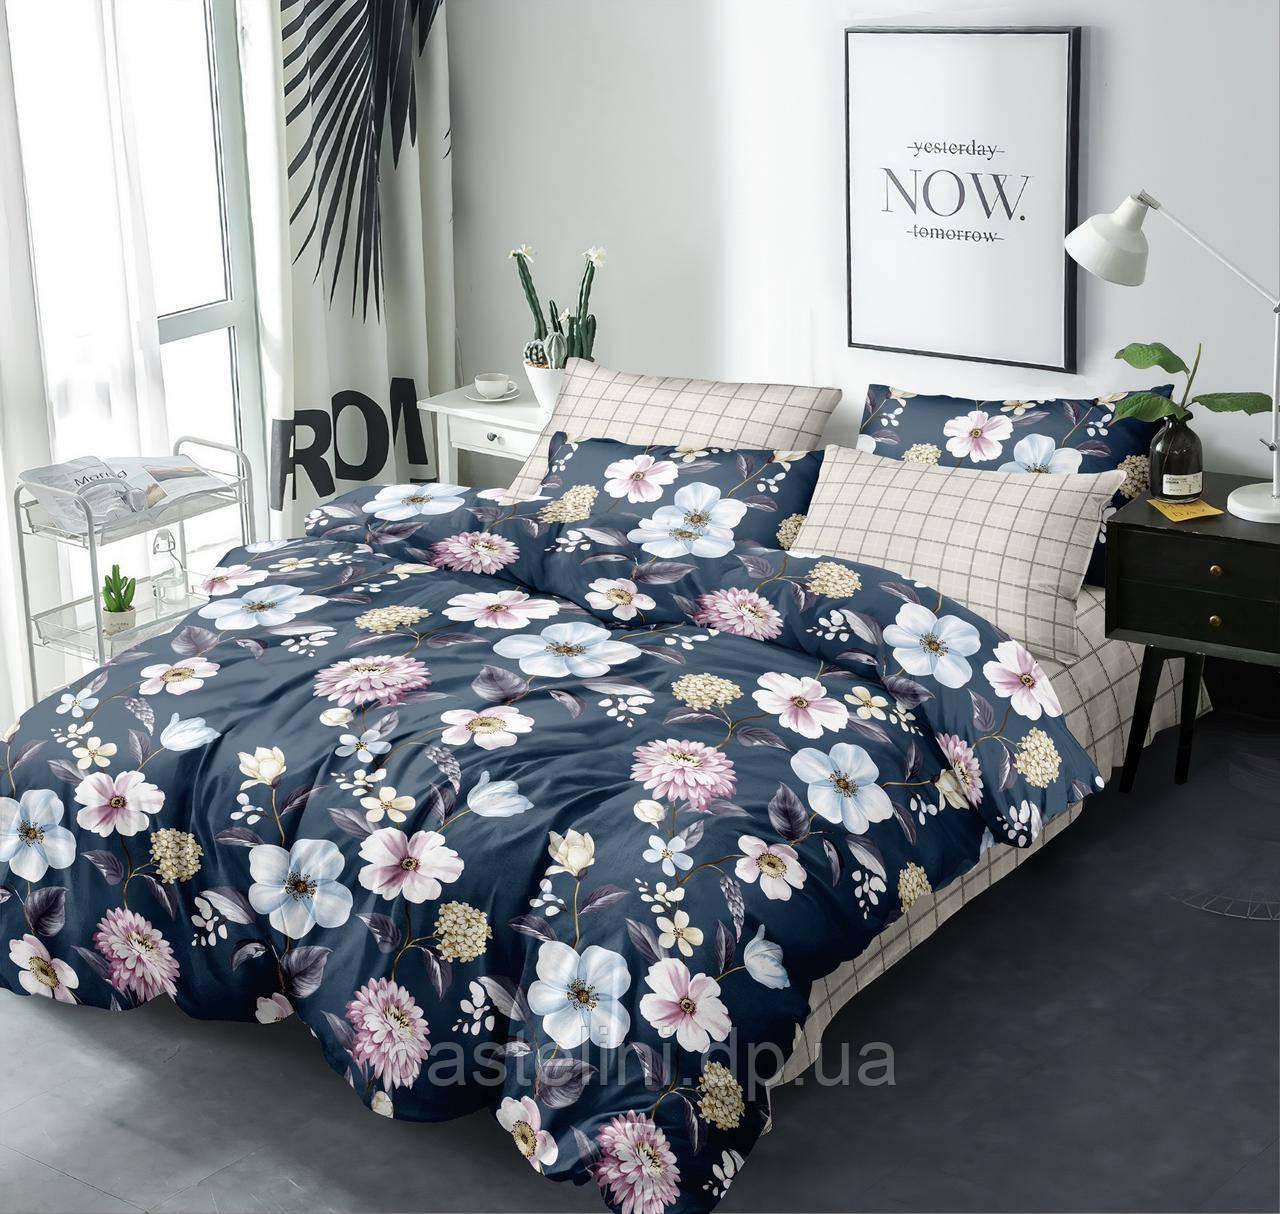 Комплект постельного белья Love you поплин двуспальный 203023